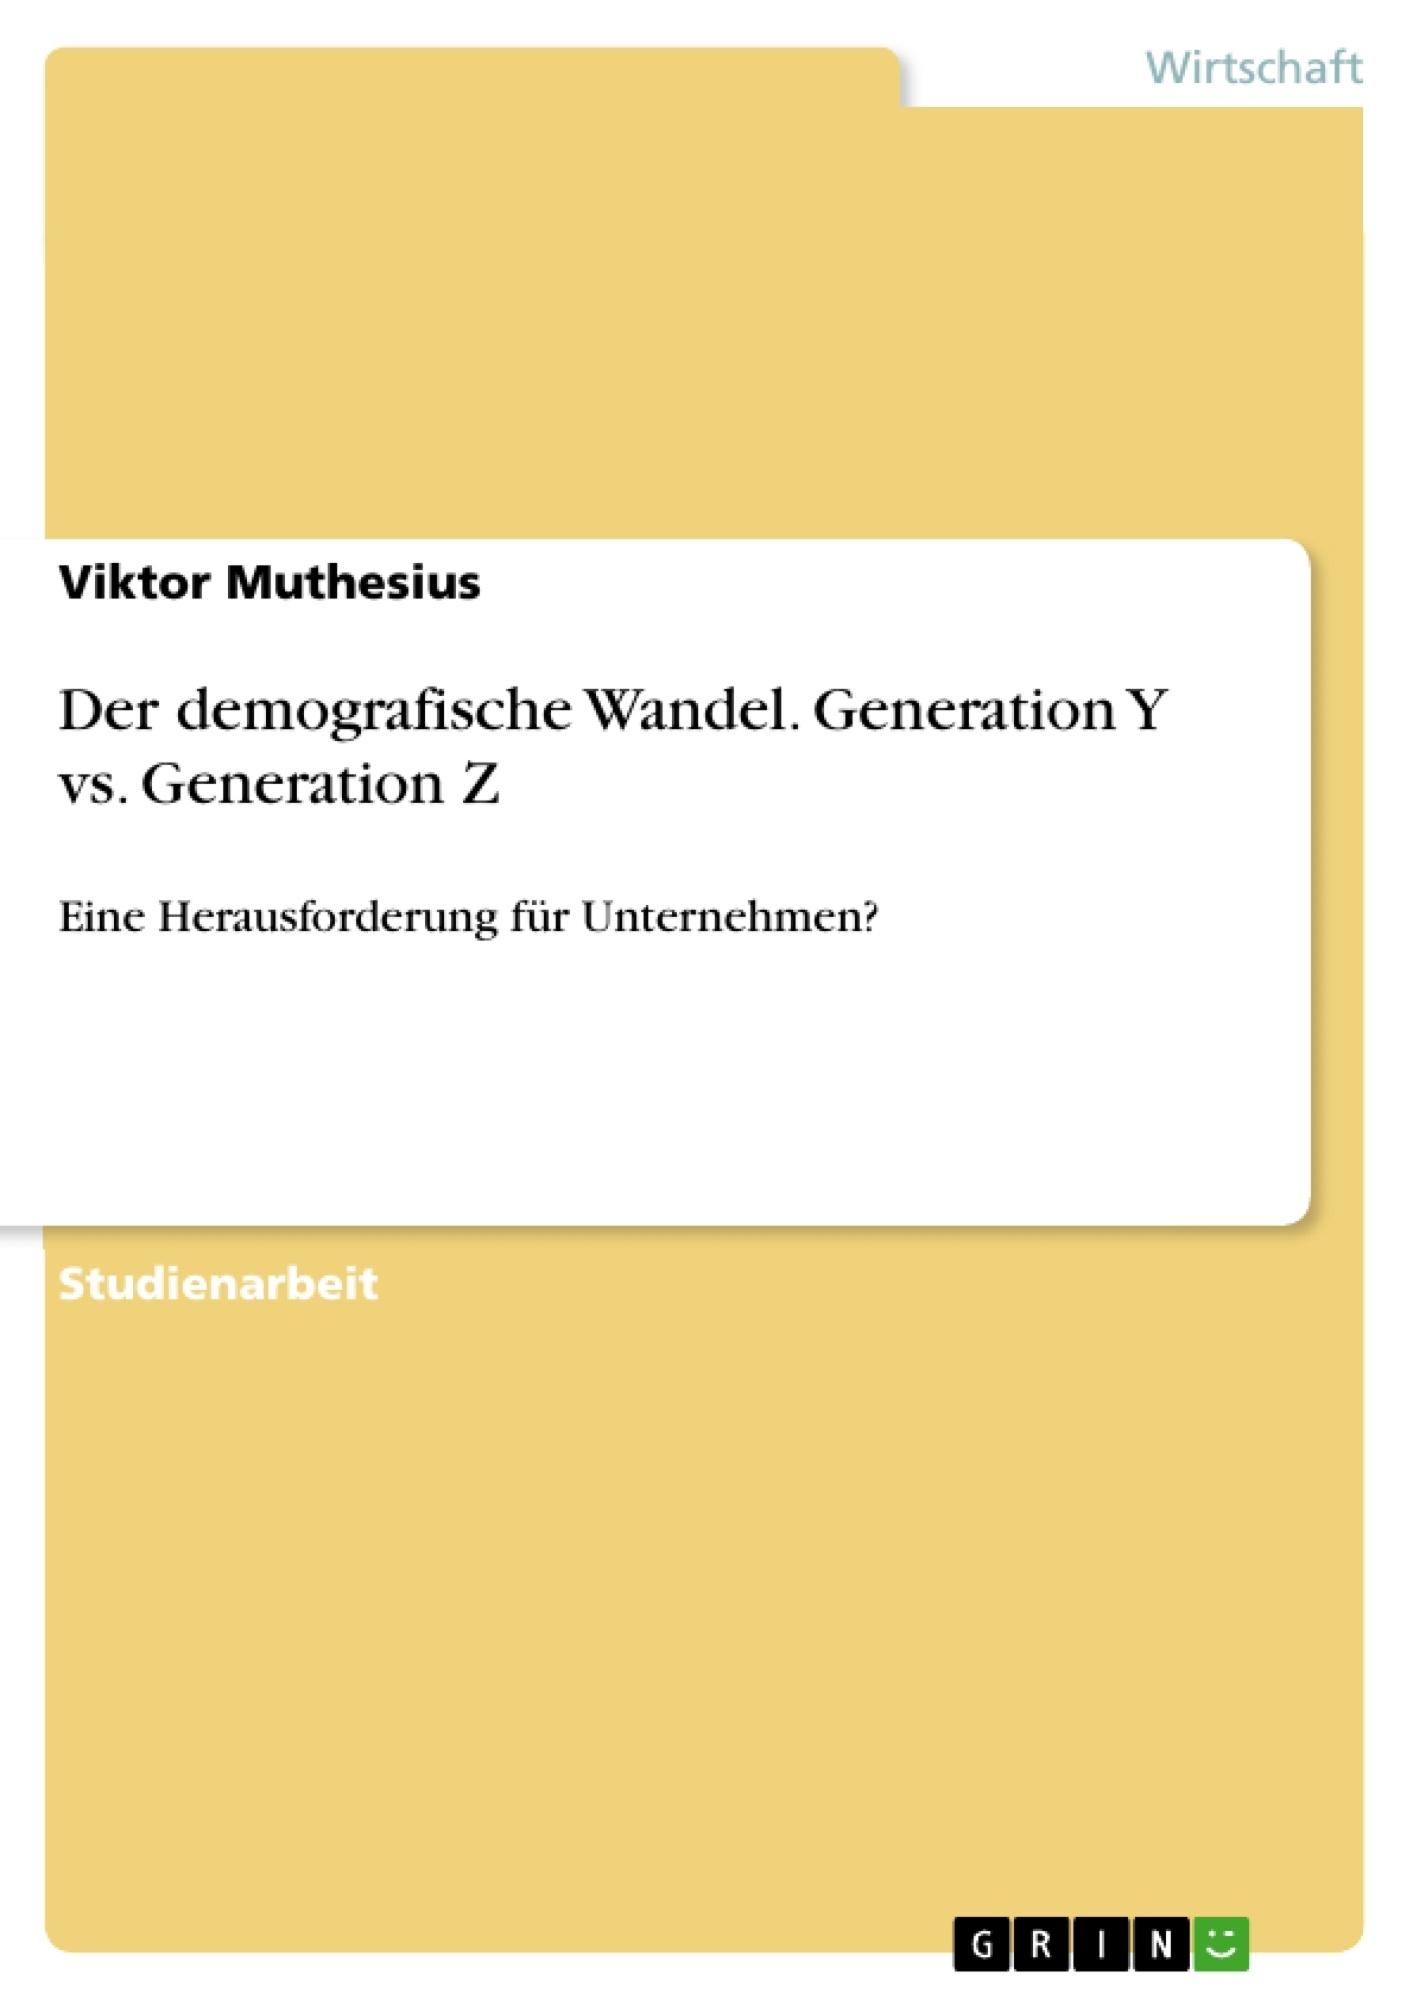 Titel: Der demografische Wandel. Generation Y vs. Generation Z